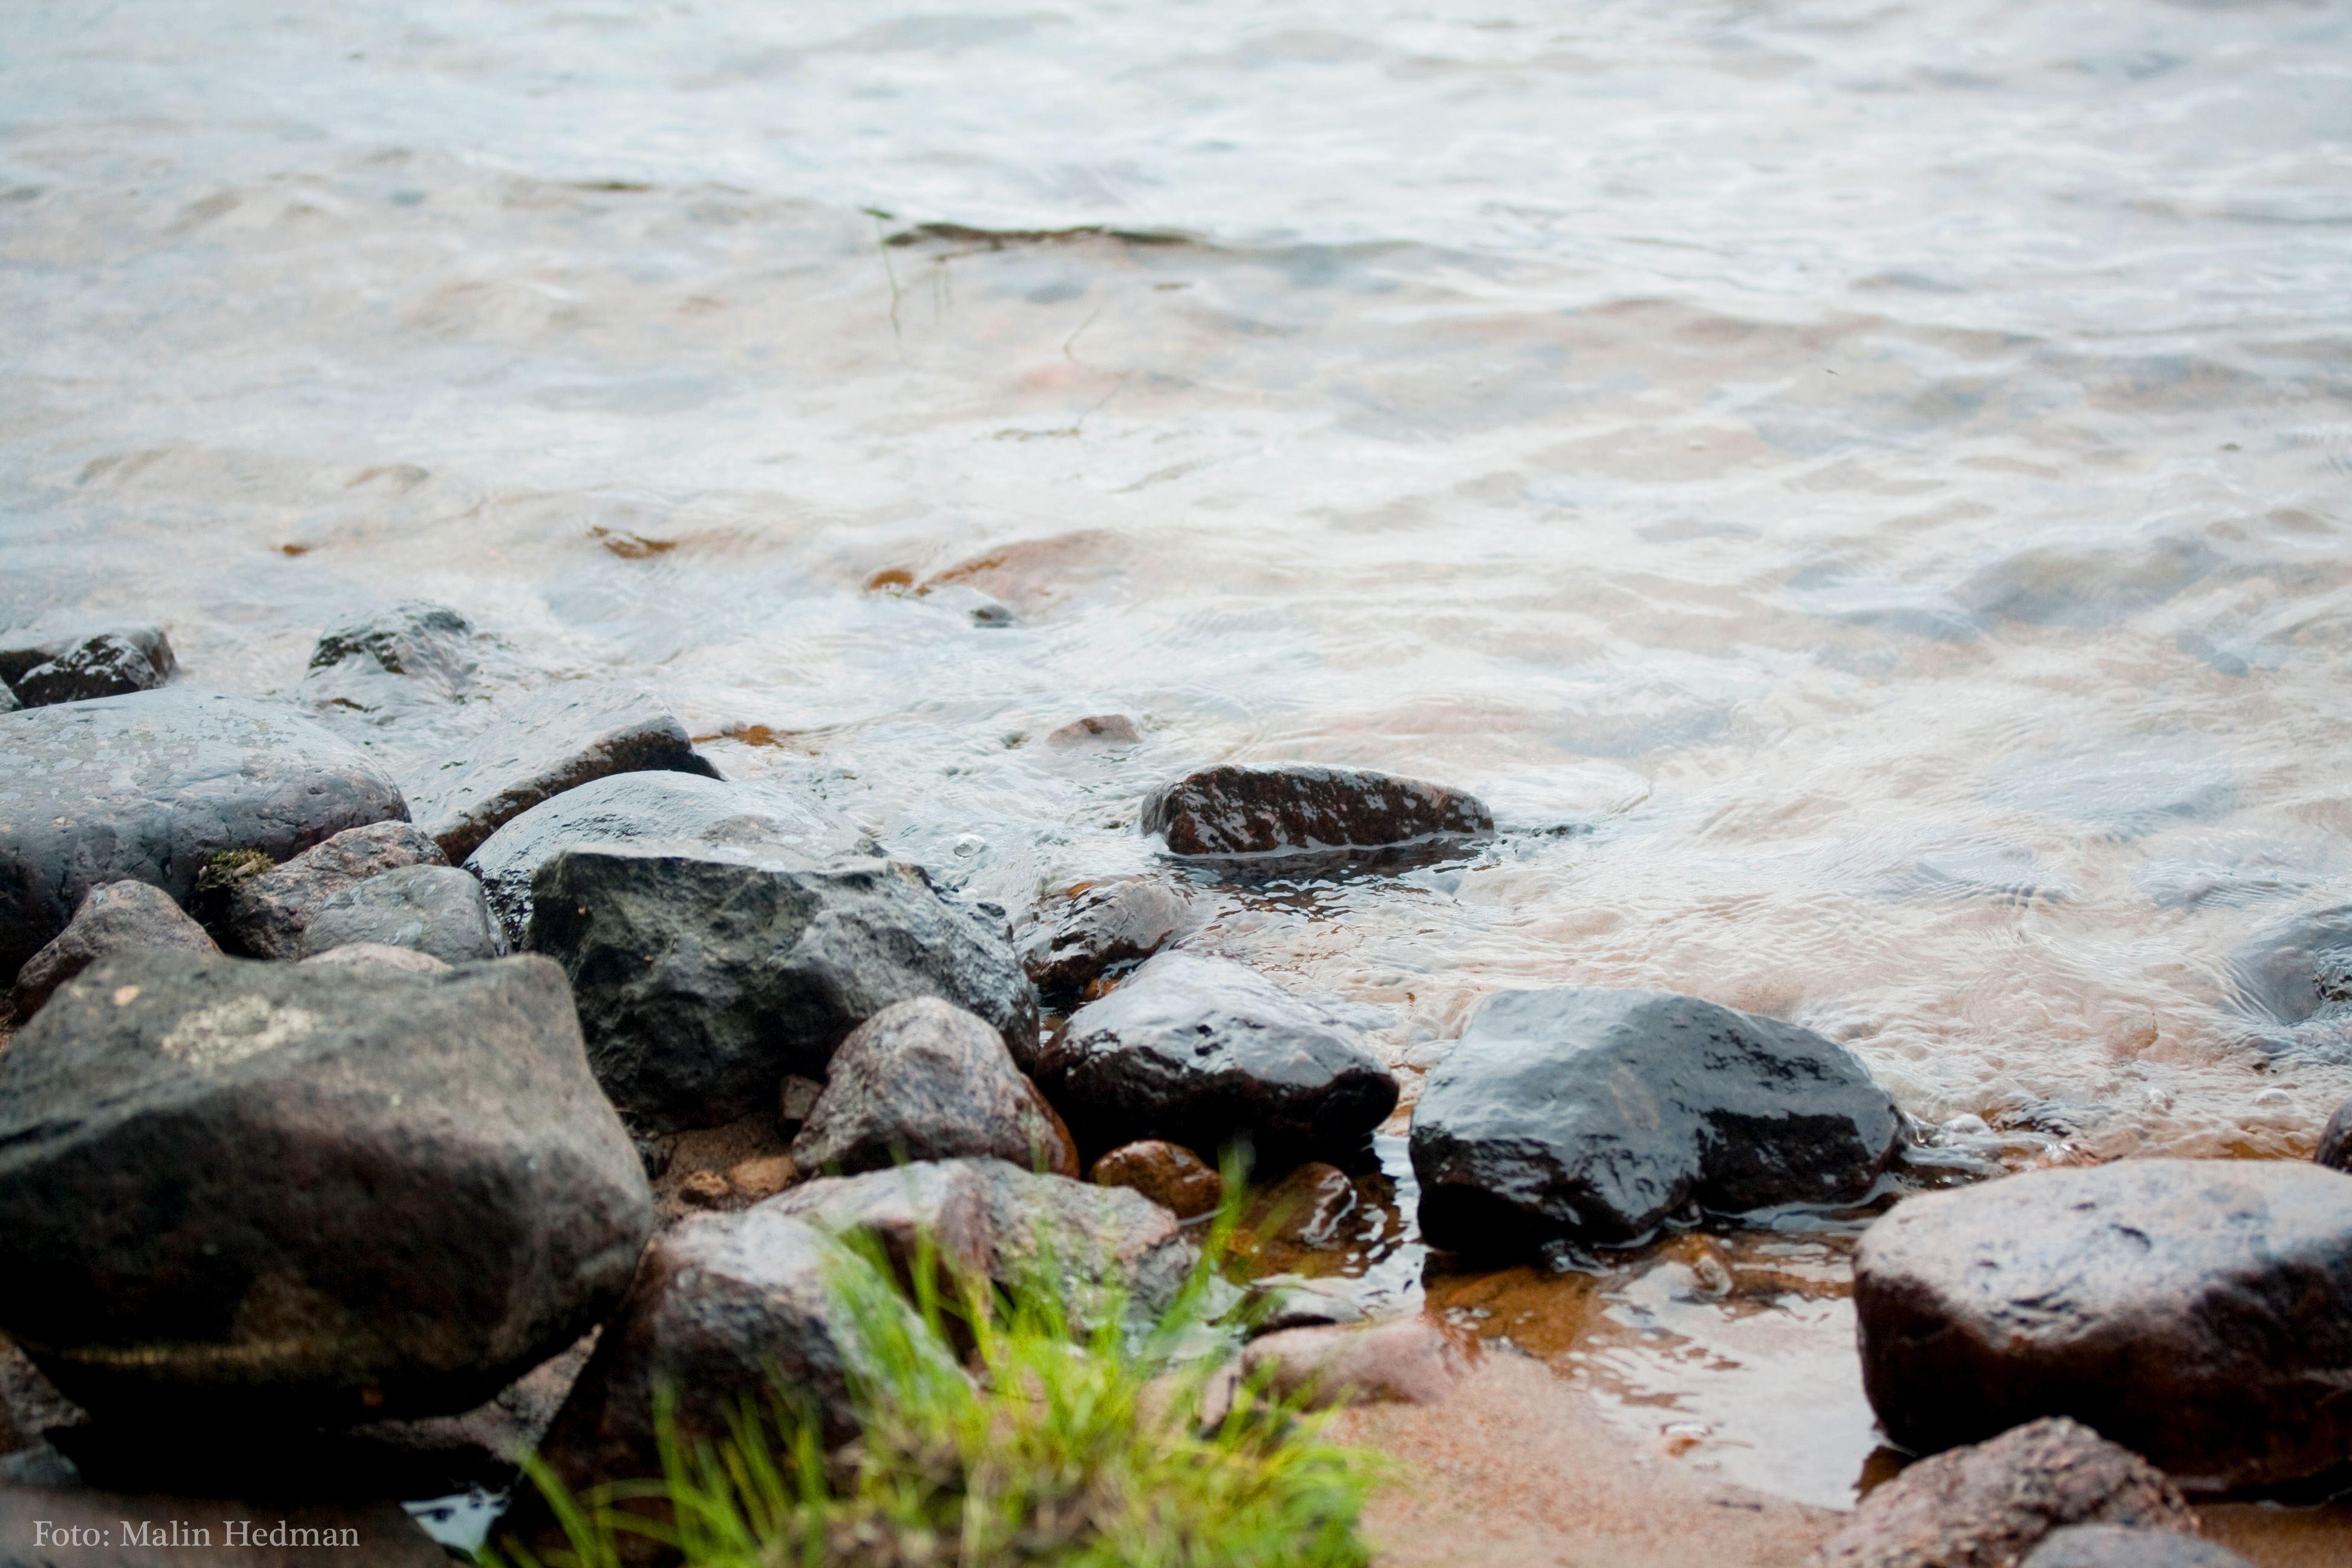 Malin Hedman,  © Malå kommun, Friluftsgudstjänst Springliden vid Skellefteälven - Malå församling